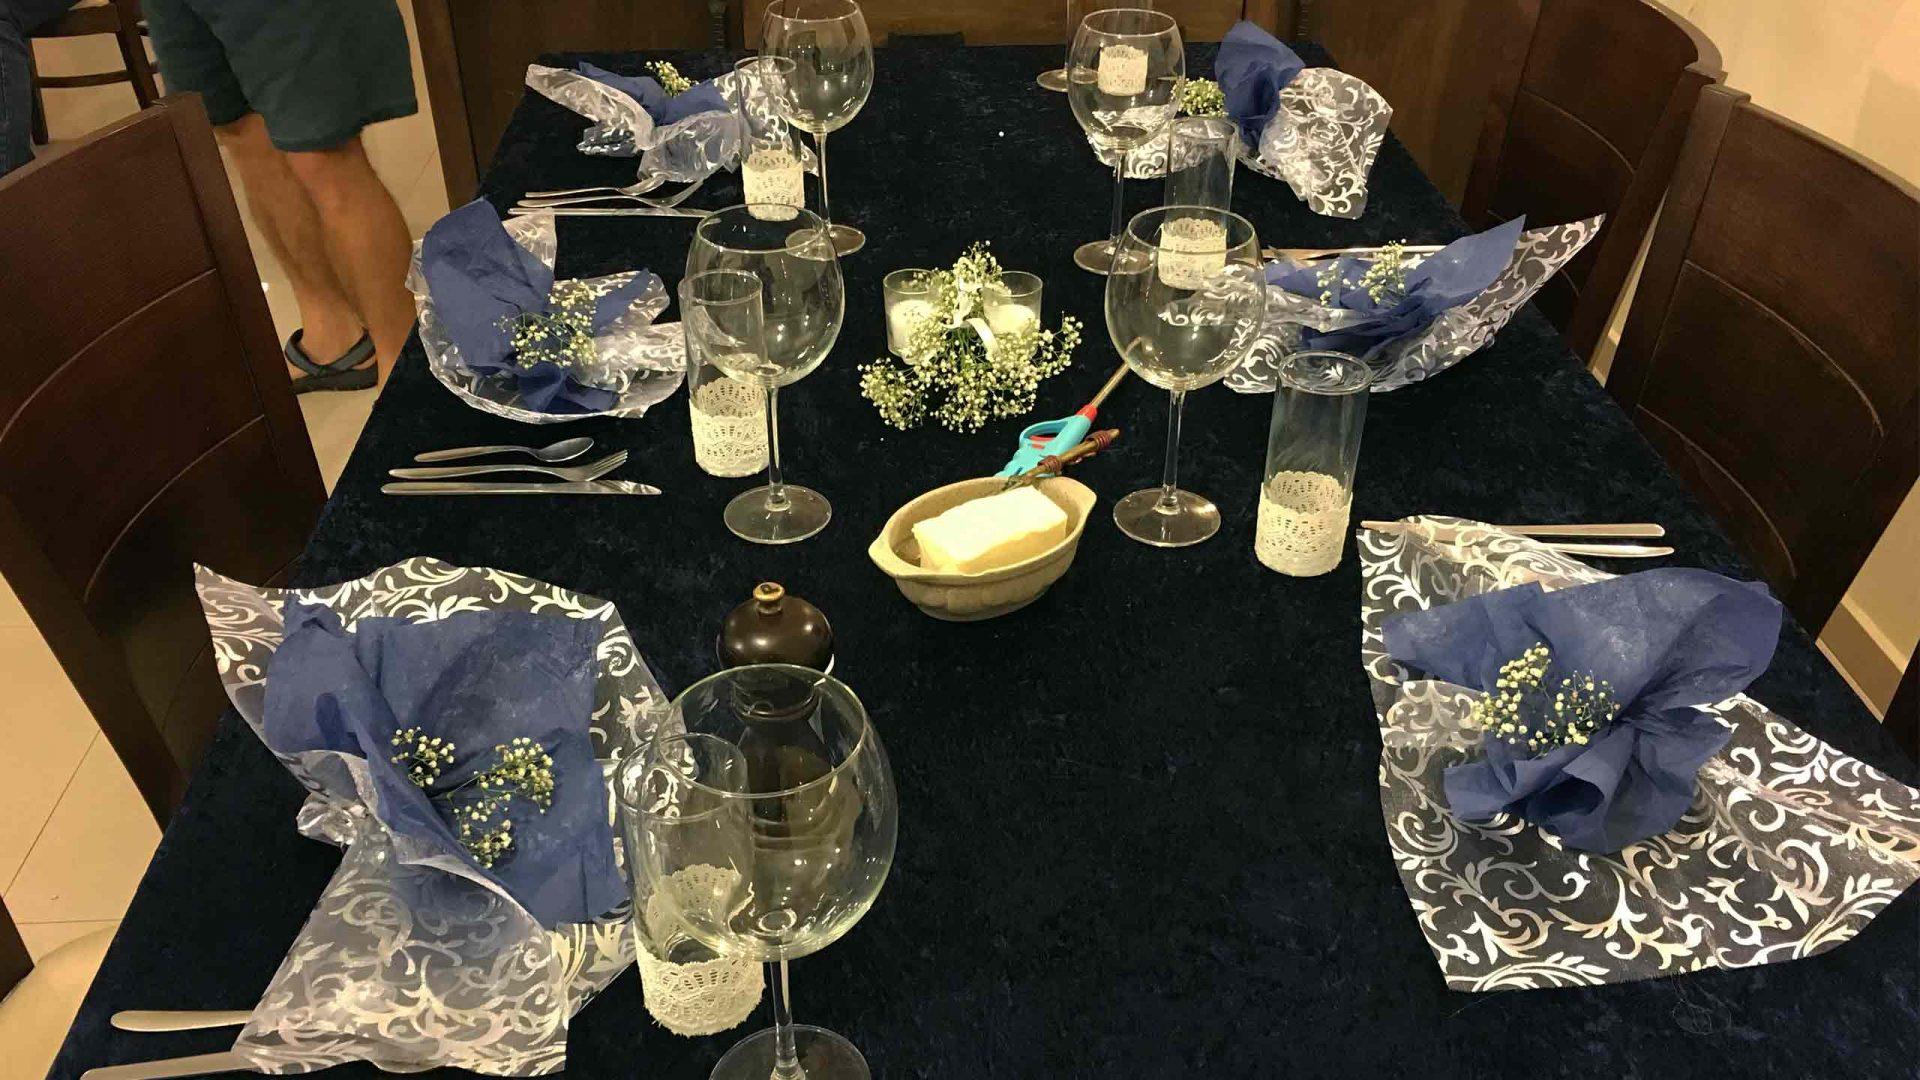 עיצוב השולחן